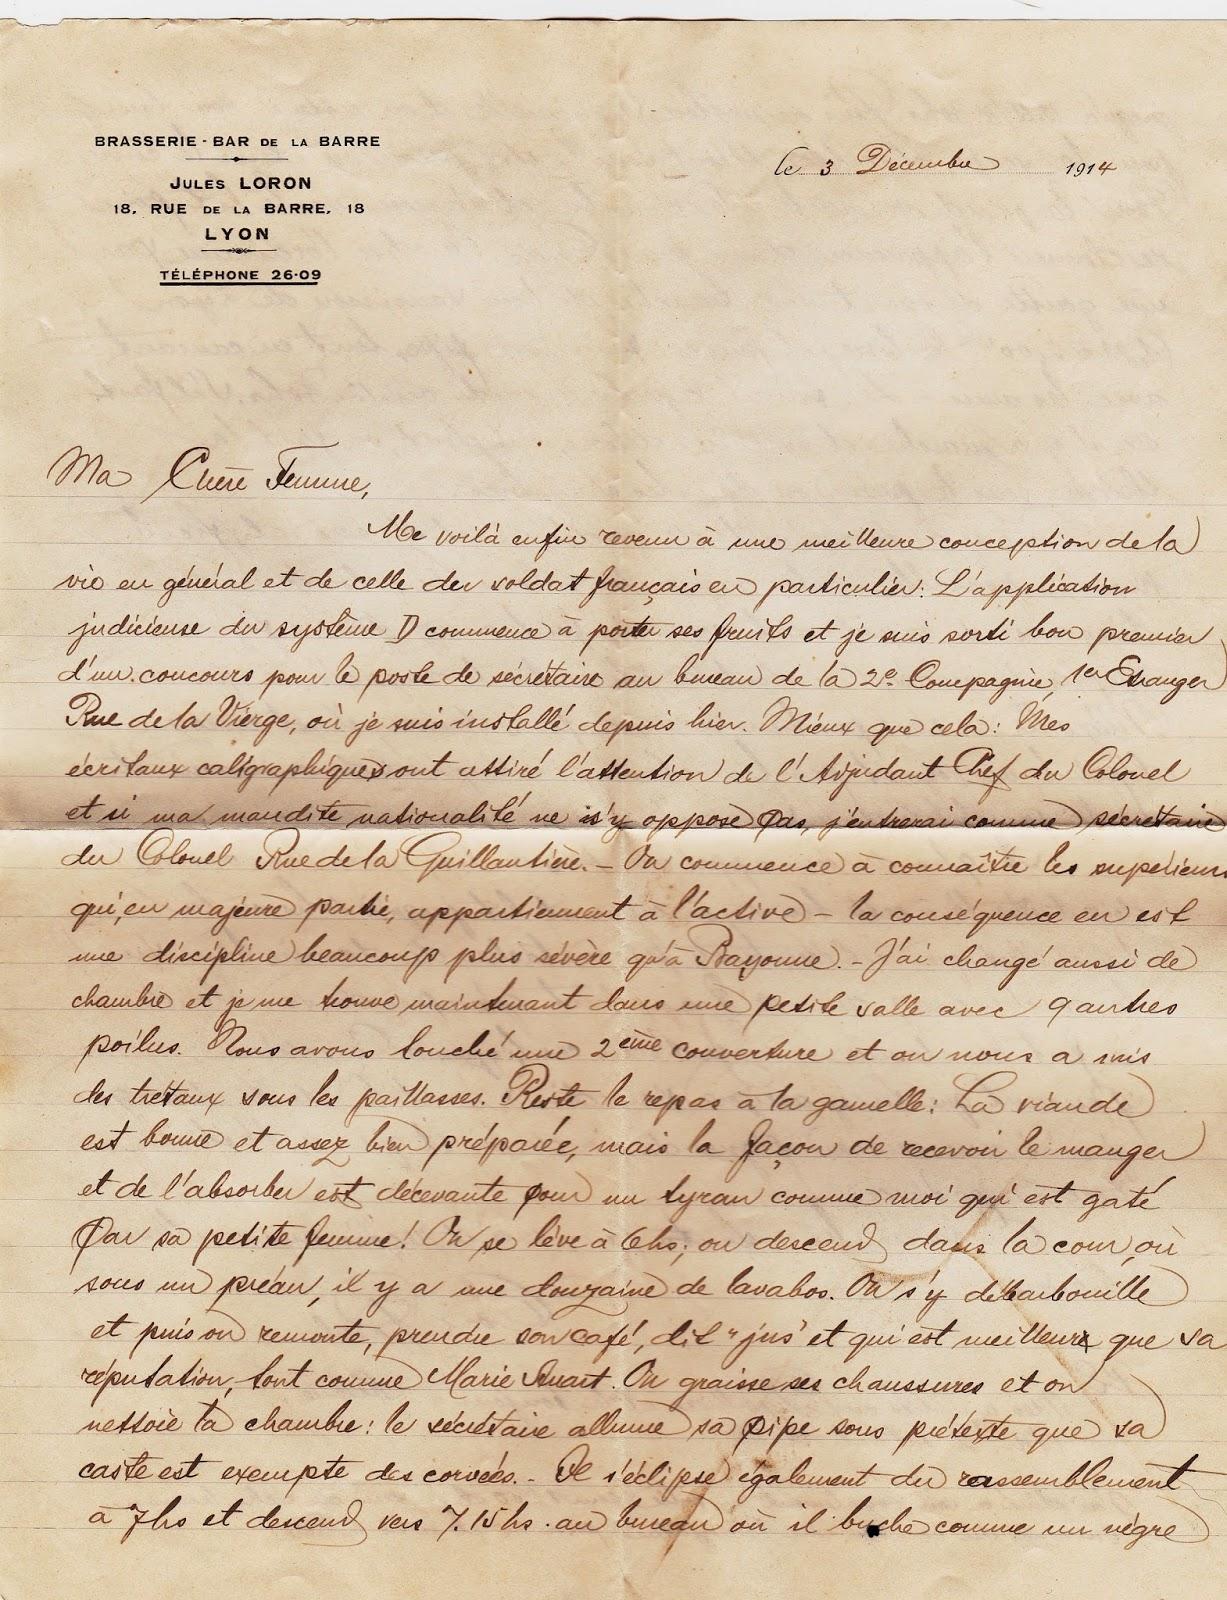 Lettres Du L 233 Gionnaire Paul Gusdorf 224 Son 233 Pouse Marthe